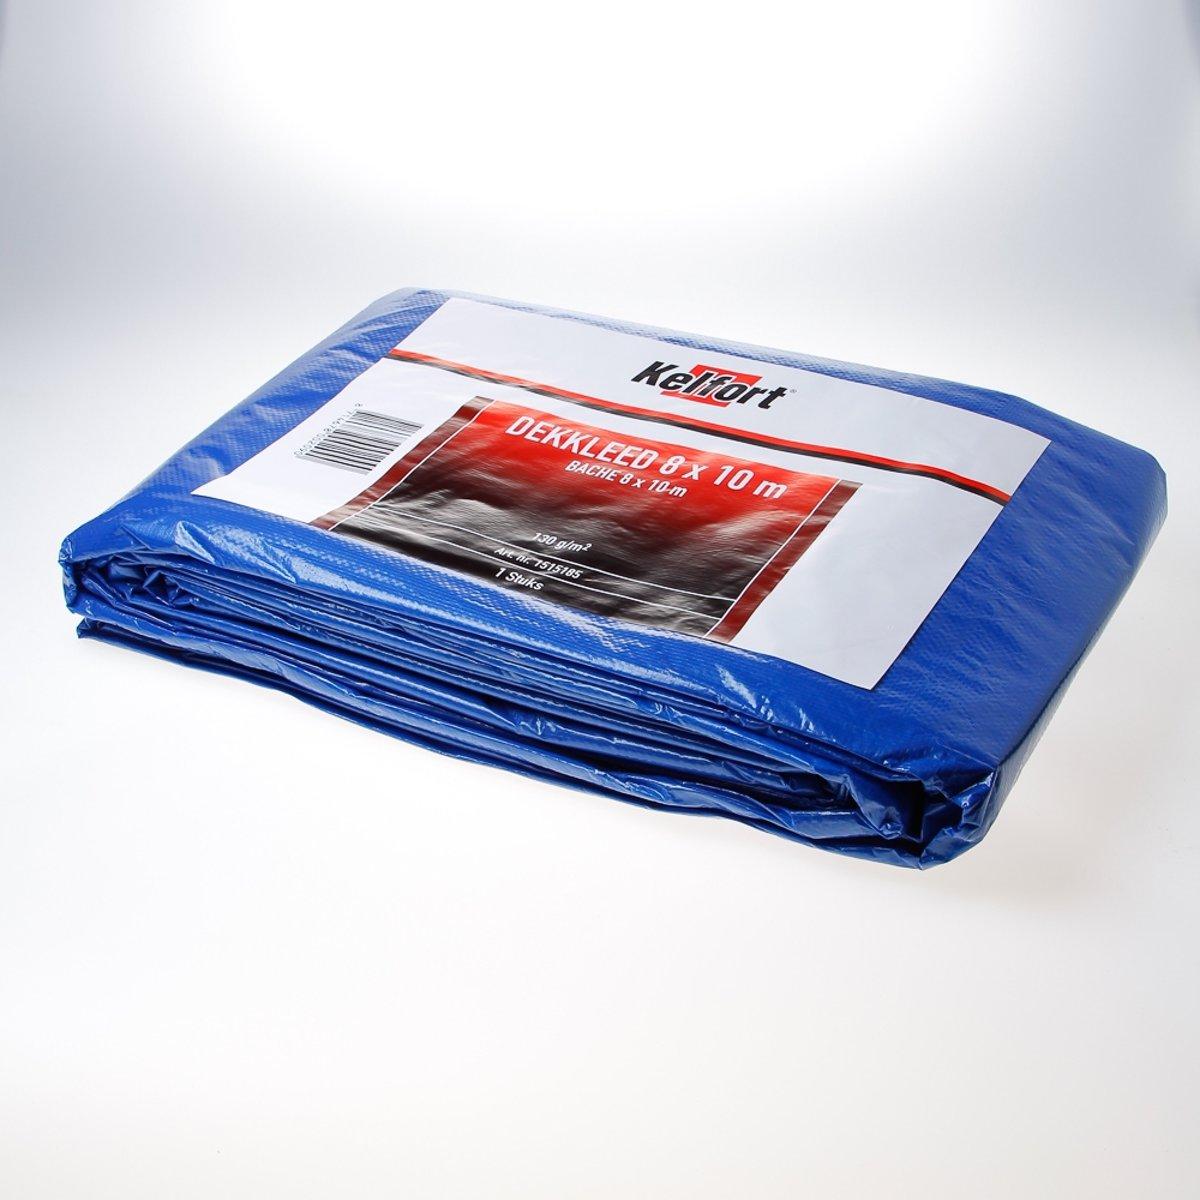 Kelfort dekkleed - +/- 8x10 mtr - zware kwaliteit - blauw